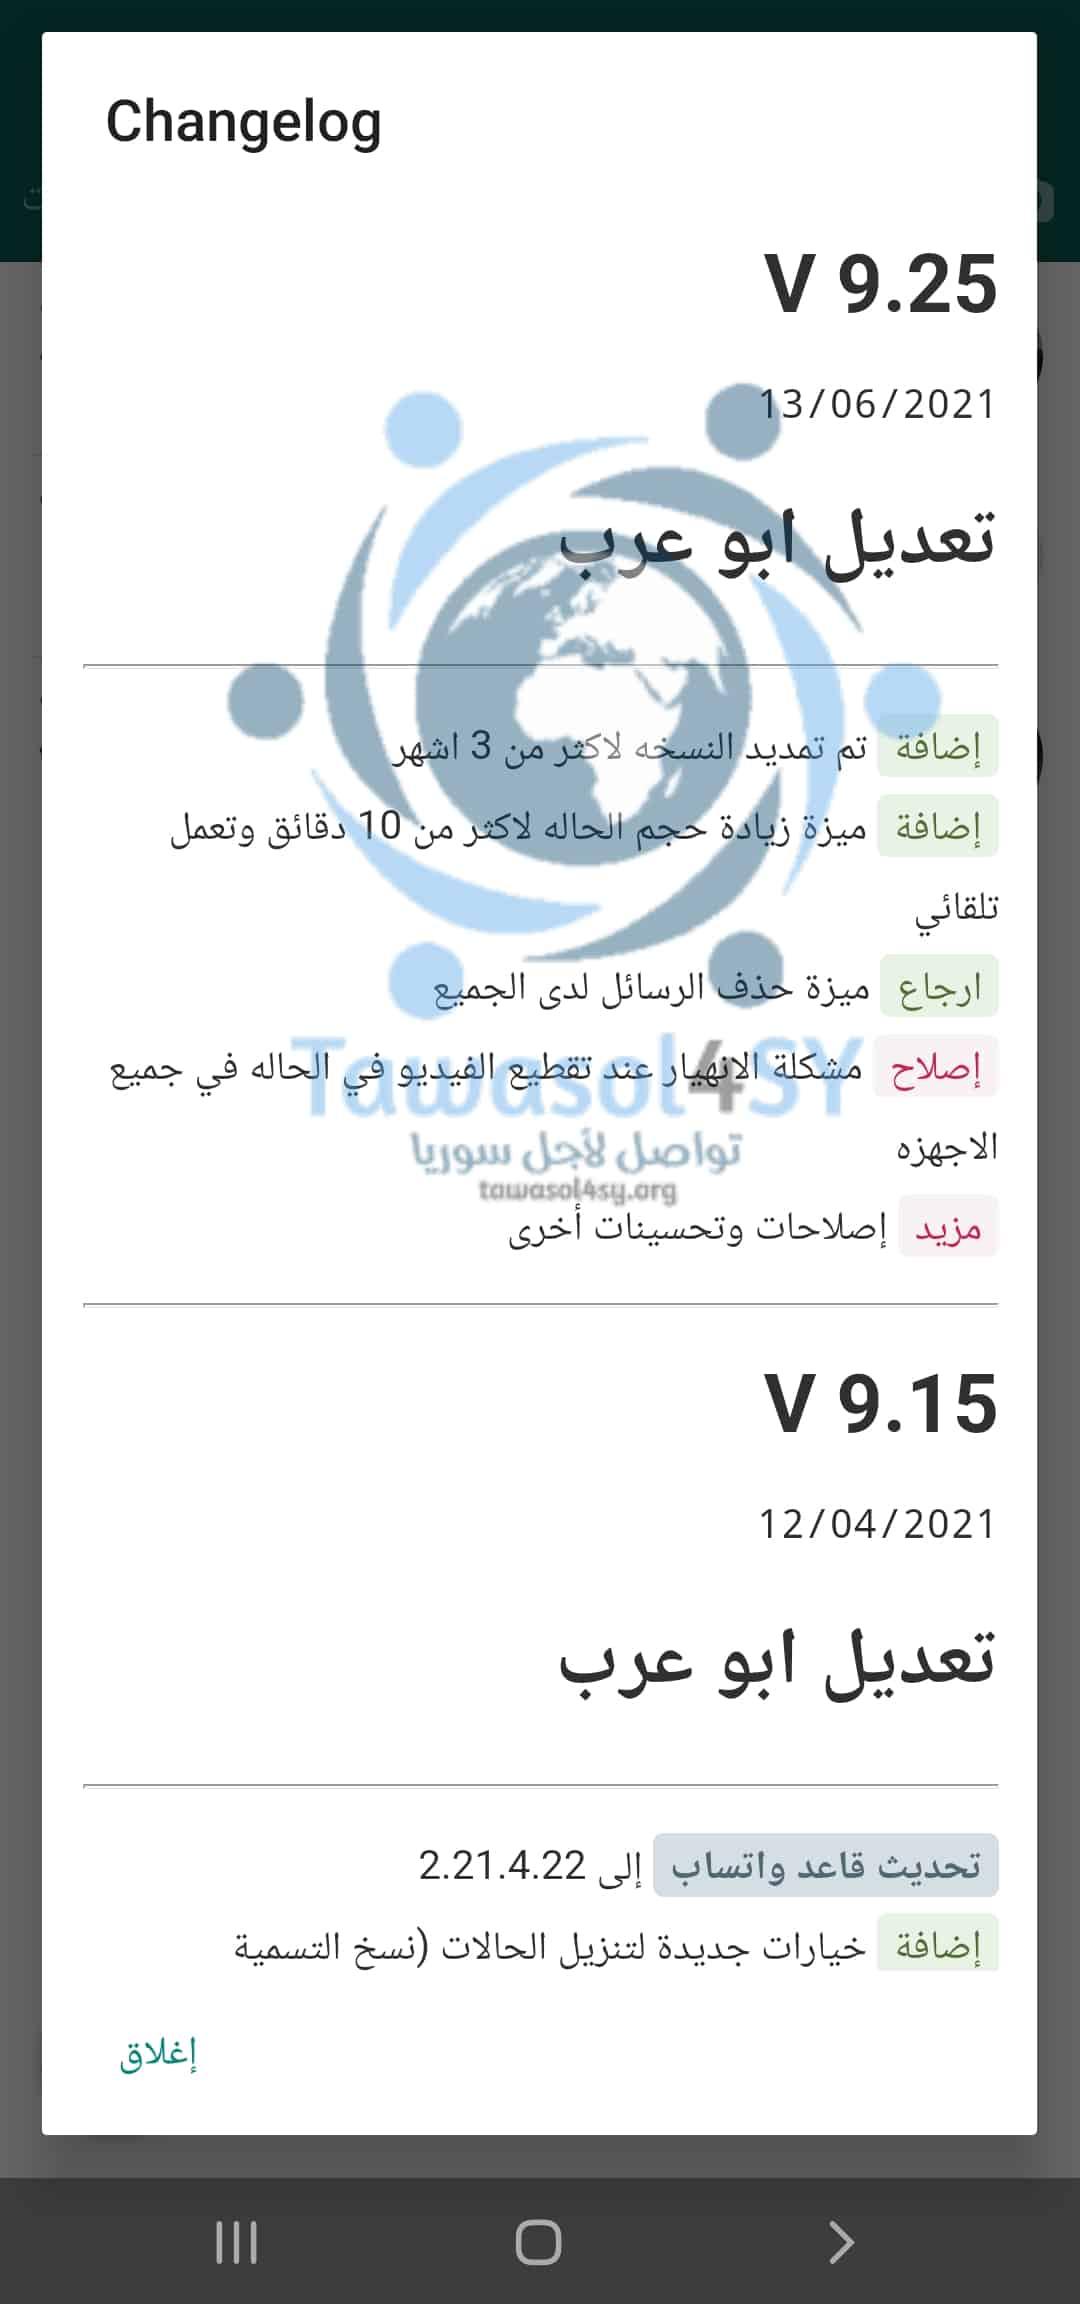 WA3 Abo3rab whatsapp red apk V9.25